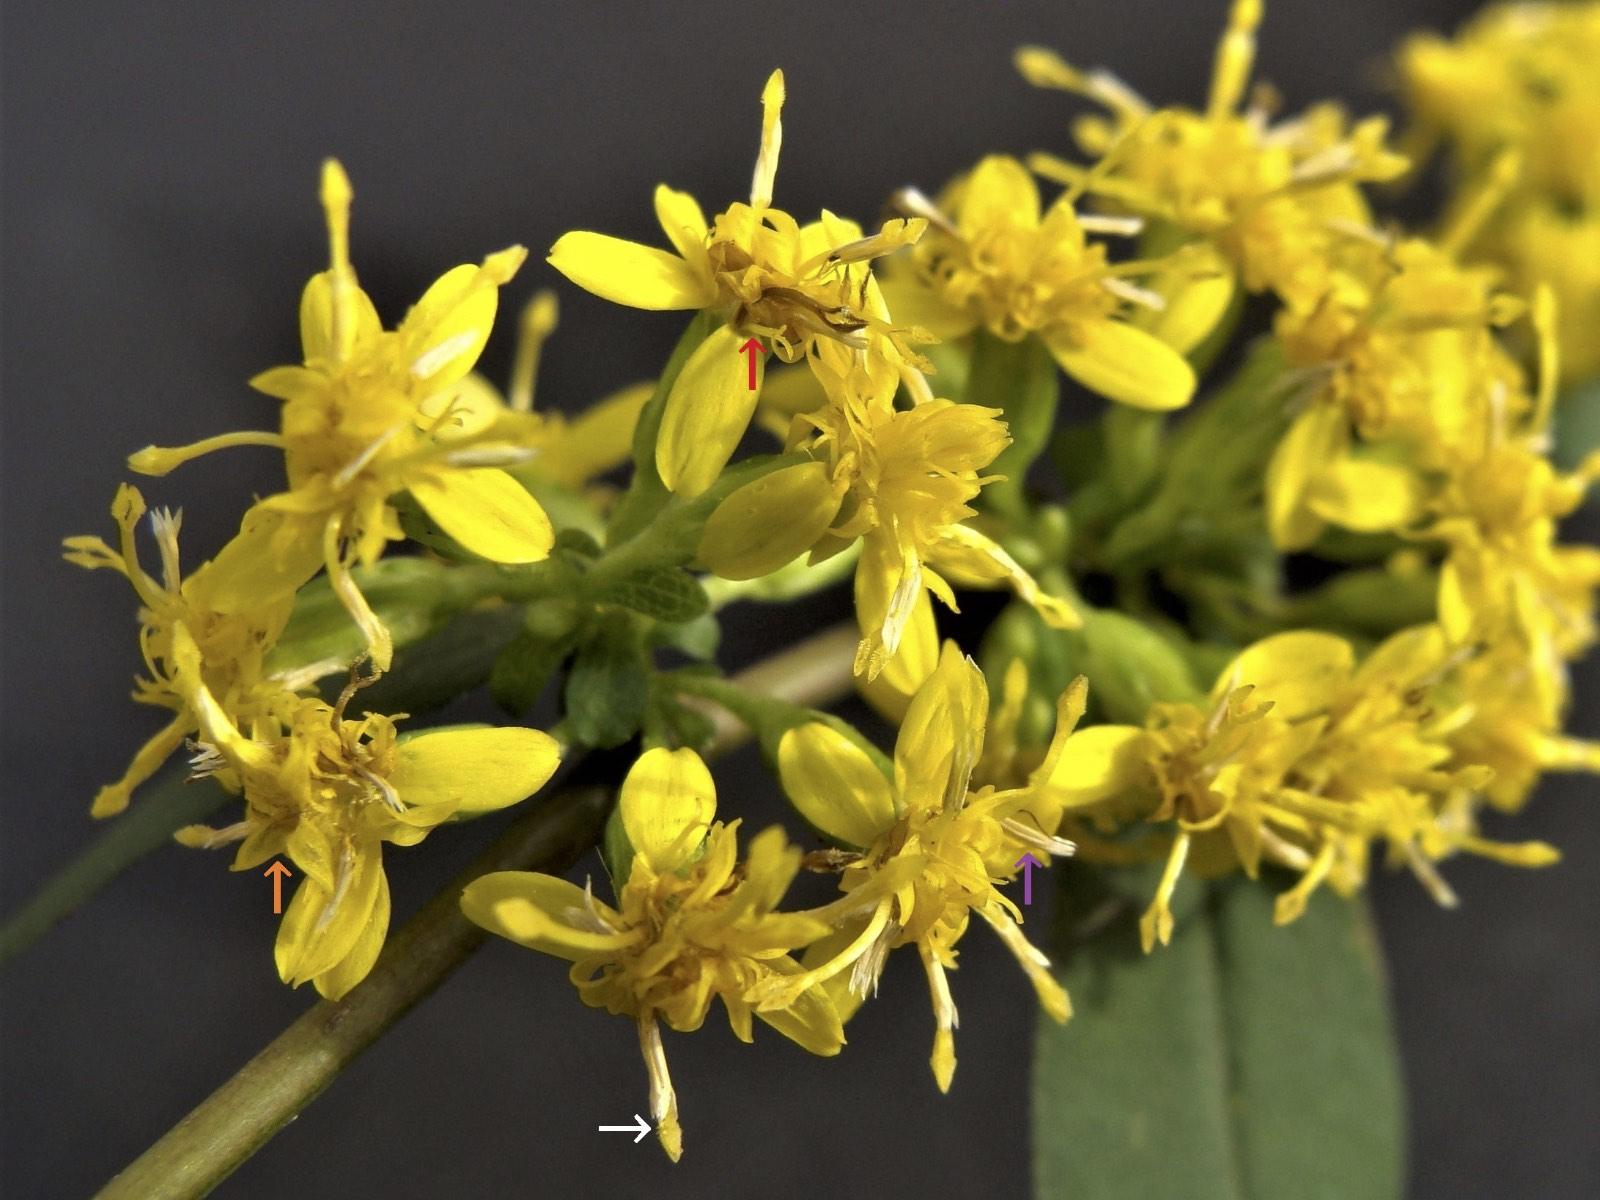 Wreath goldenrod - Solidago caesia